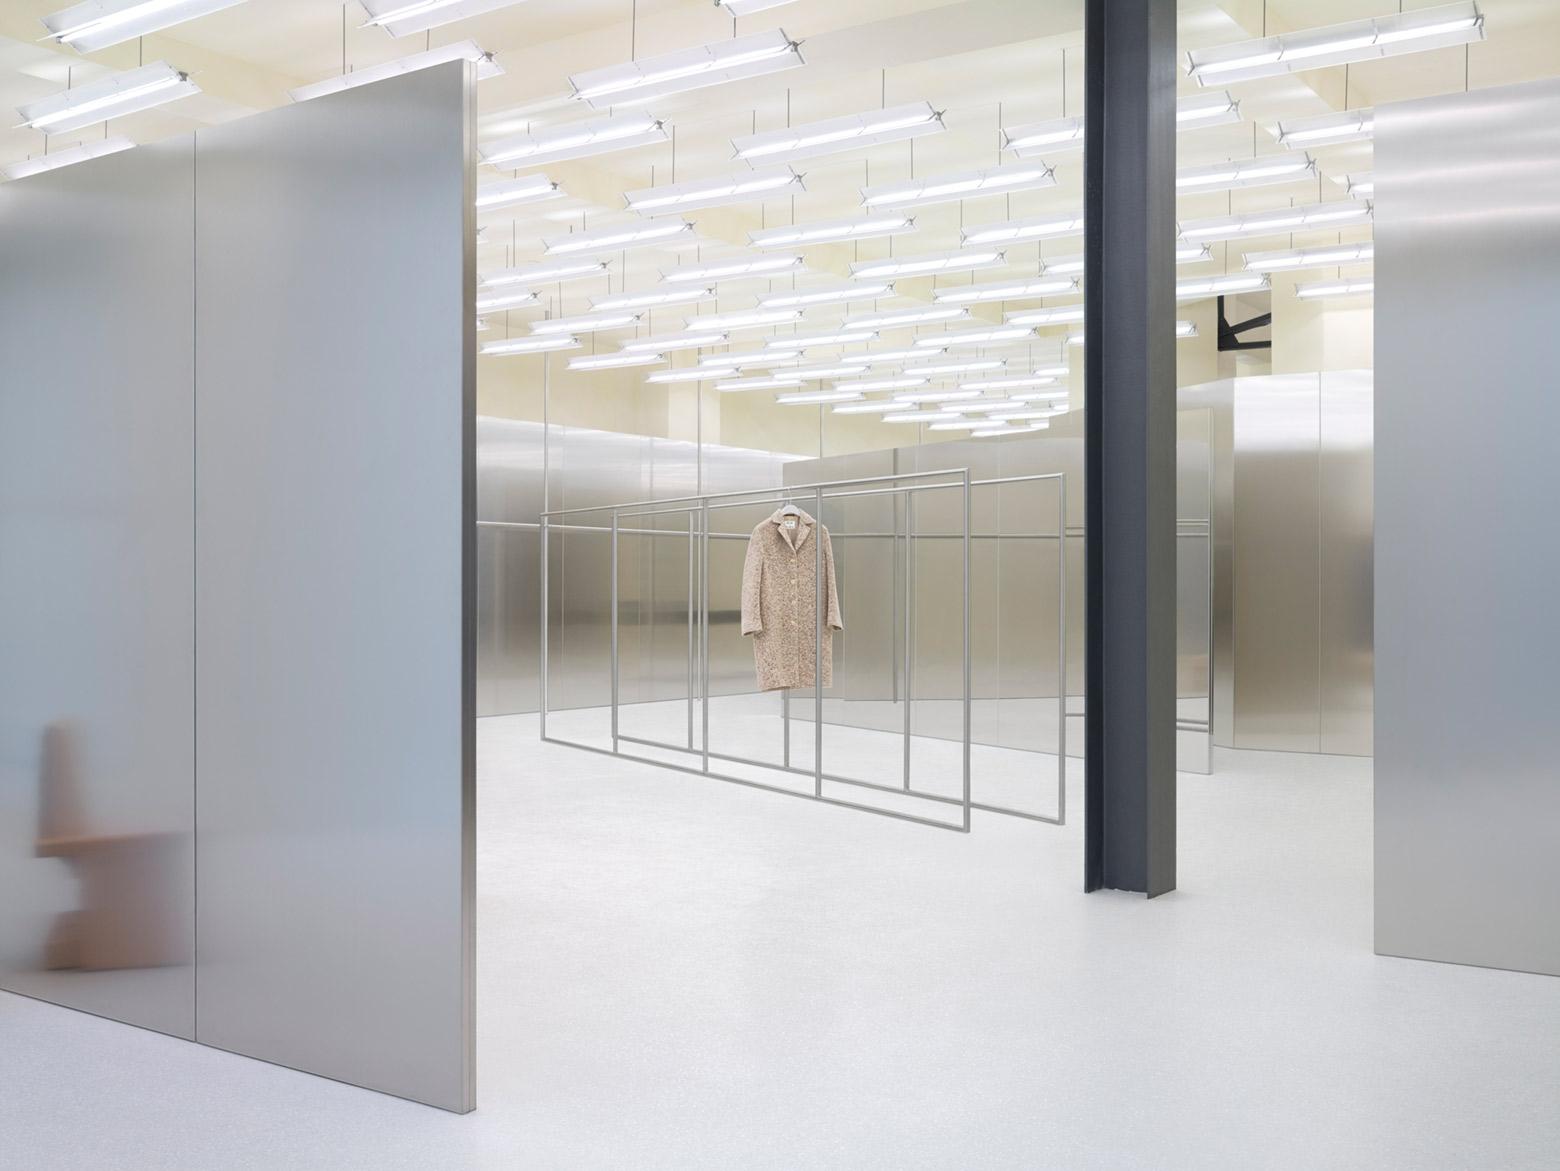 Acne studios potsdamer stra e 8 elloarchitecture ello for Design shop berlin